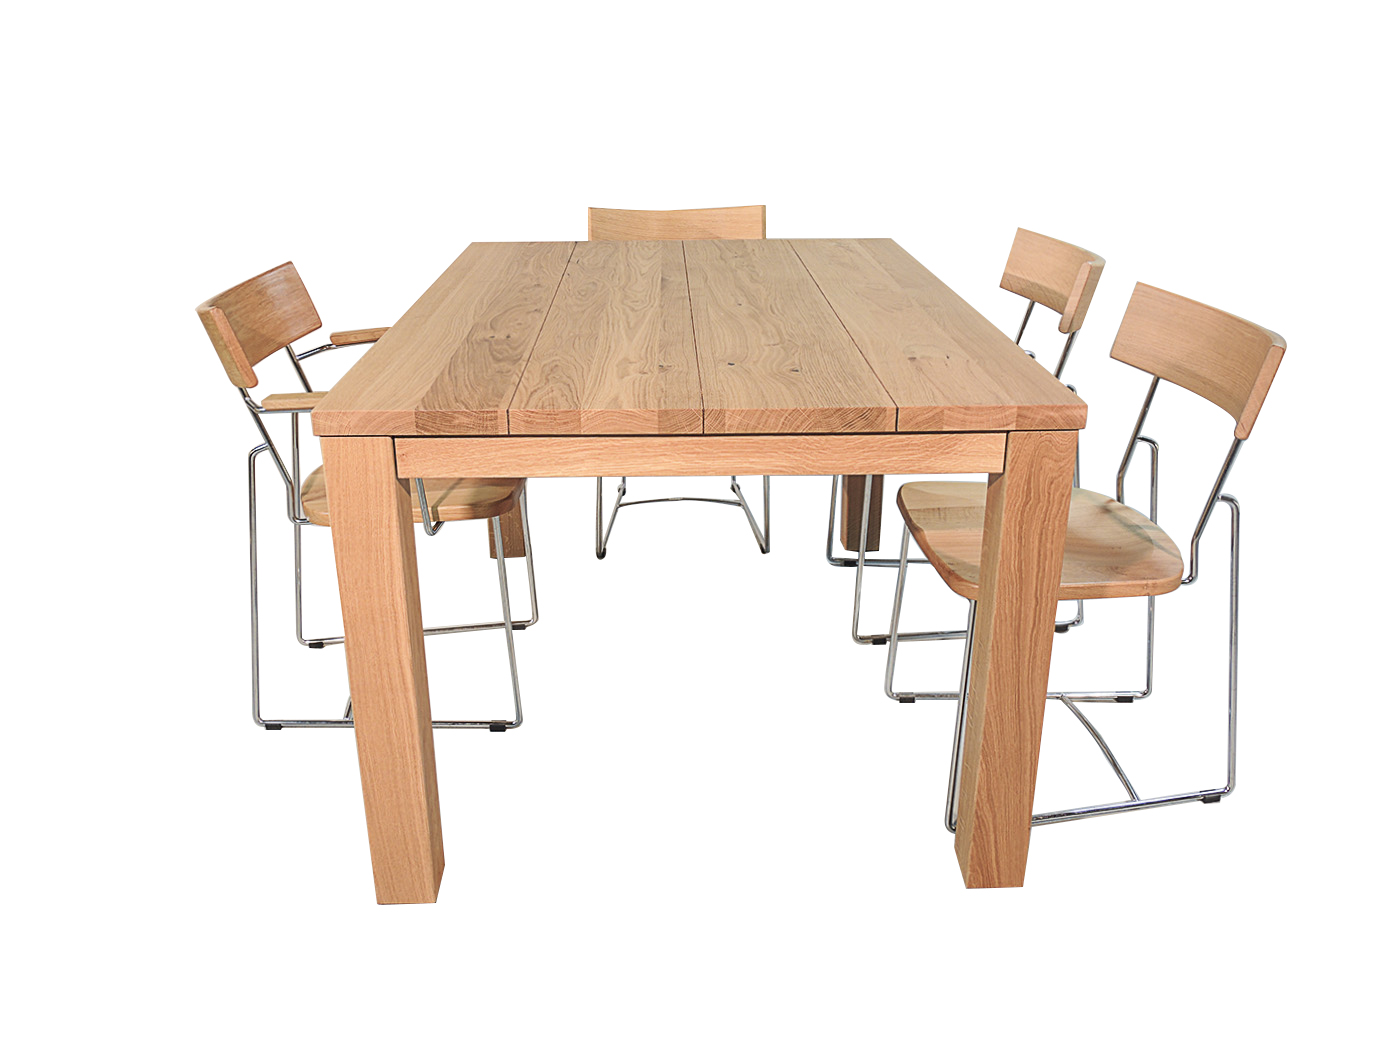 Uittrekbare Eiken Tafel.Kassel Uittrekbare Eettafel Voor Een Scherpe Prijs